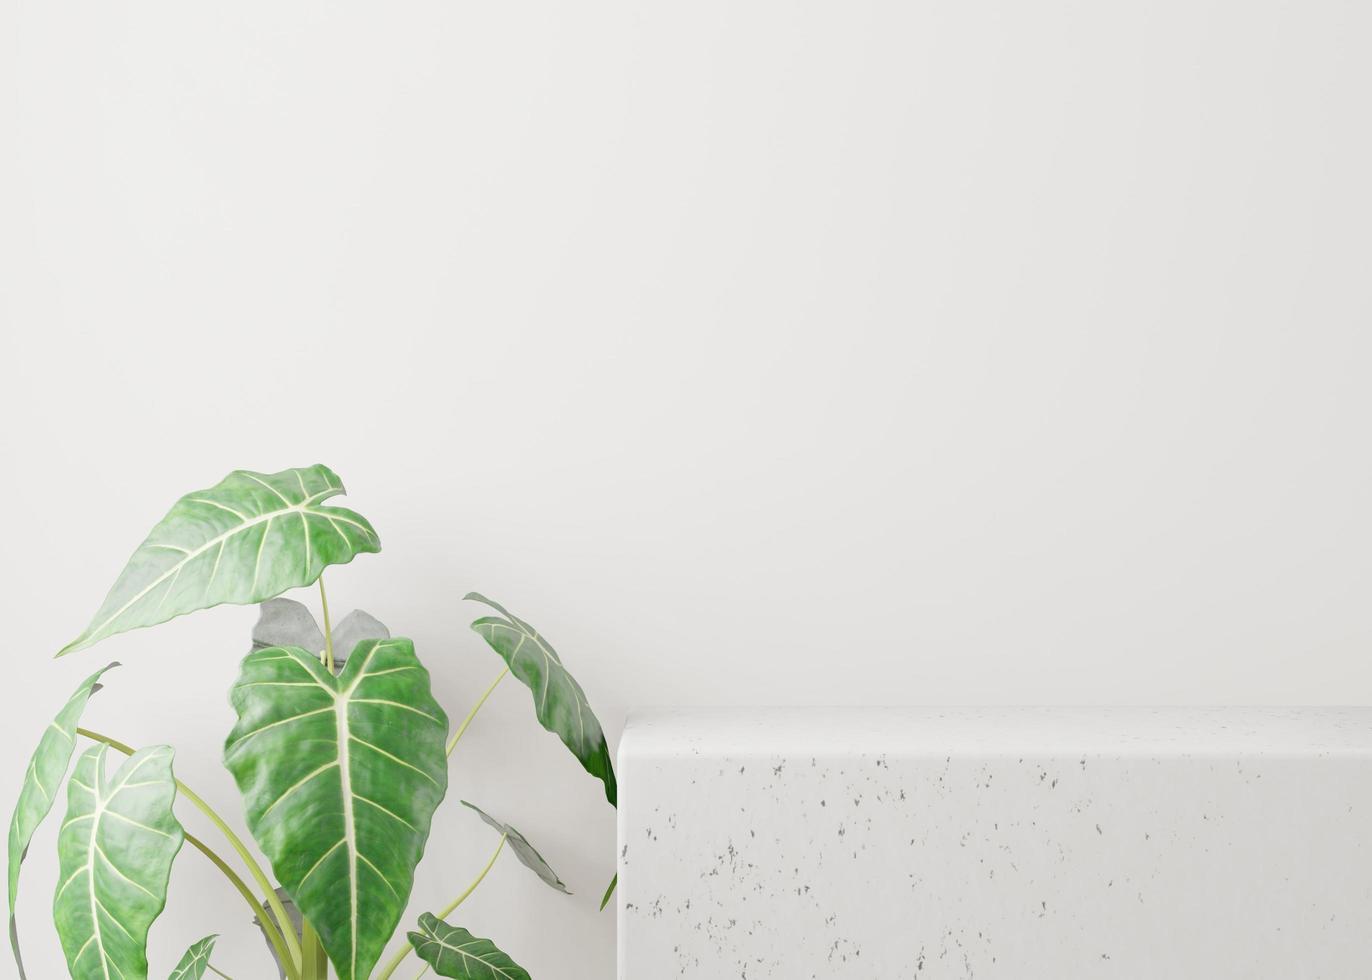 kosmetischer weißer Hintergrund für Produktpräsentation foto